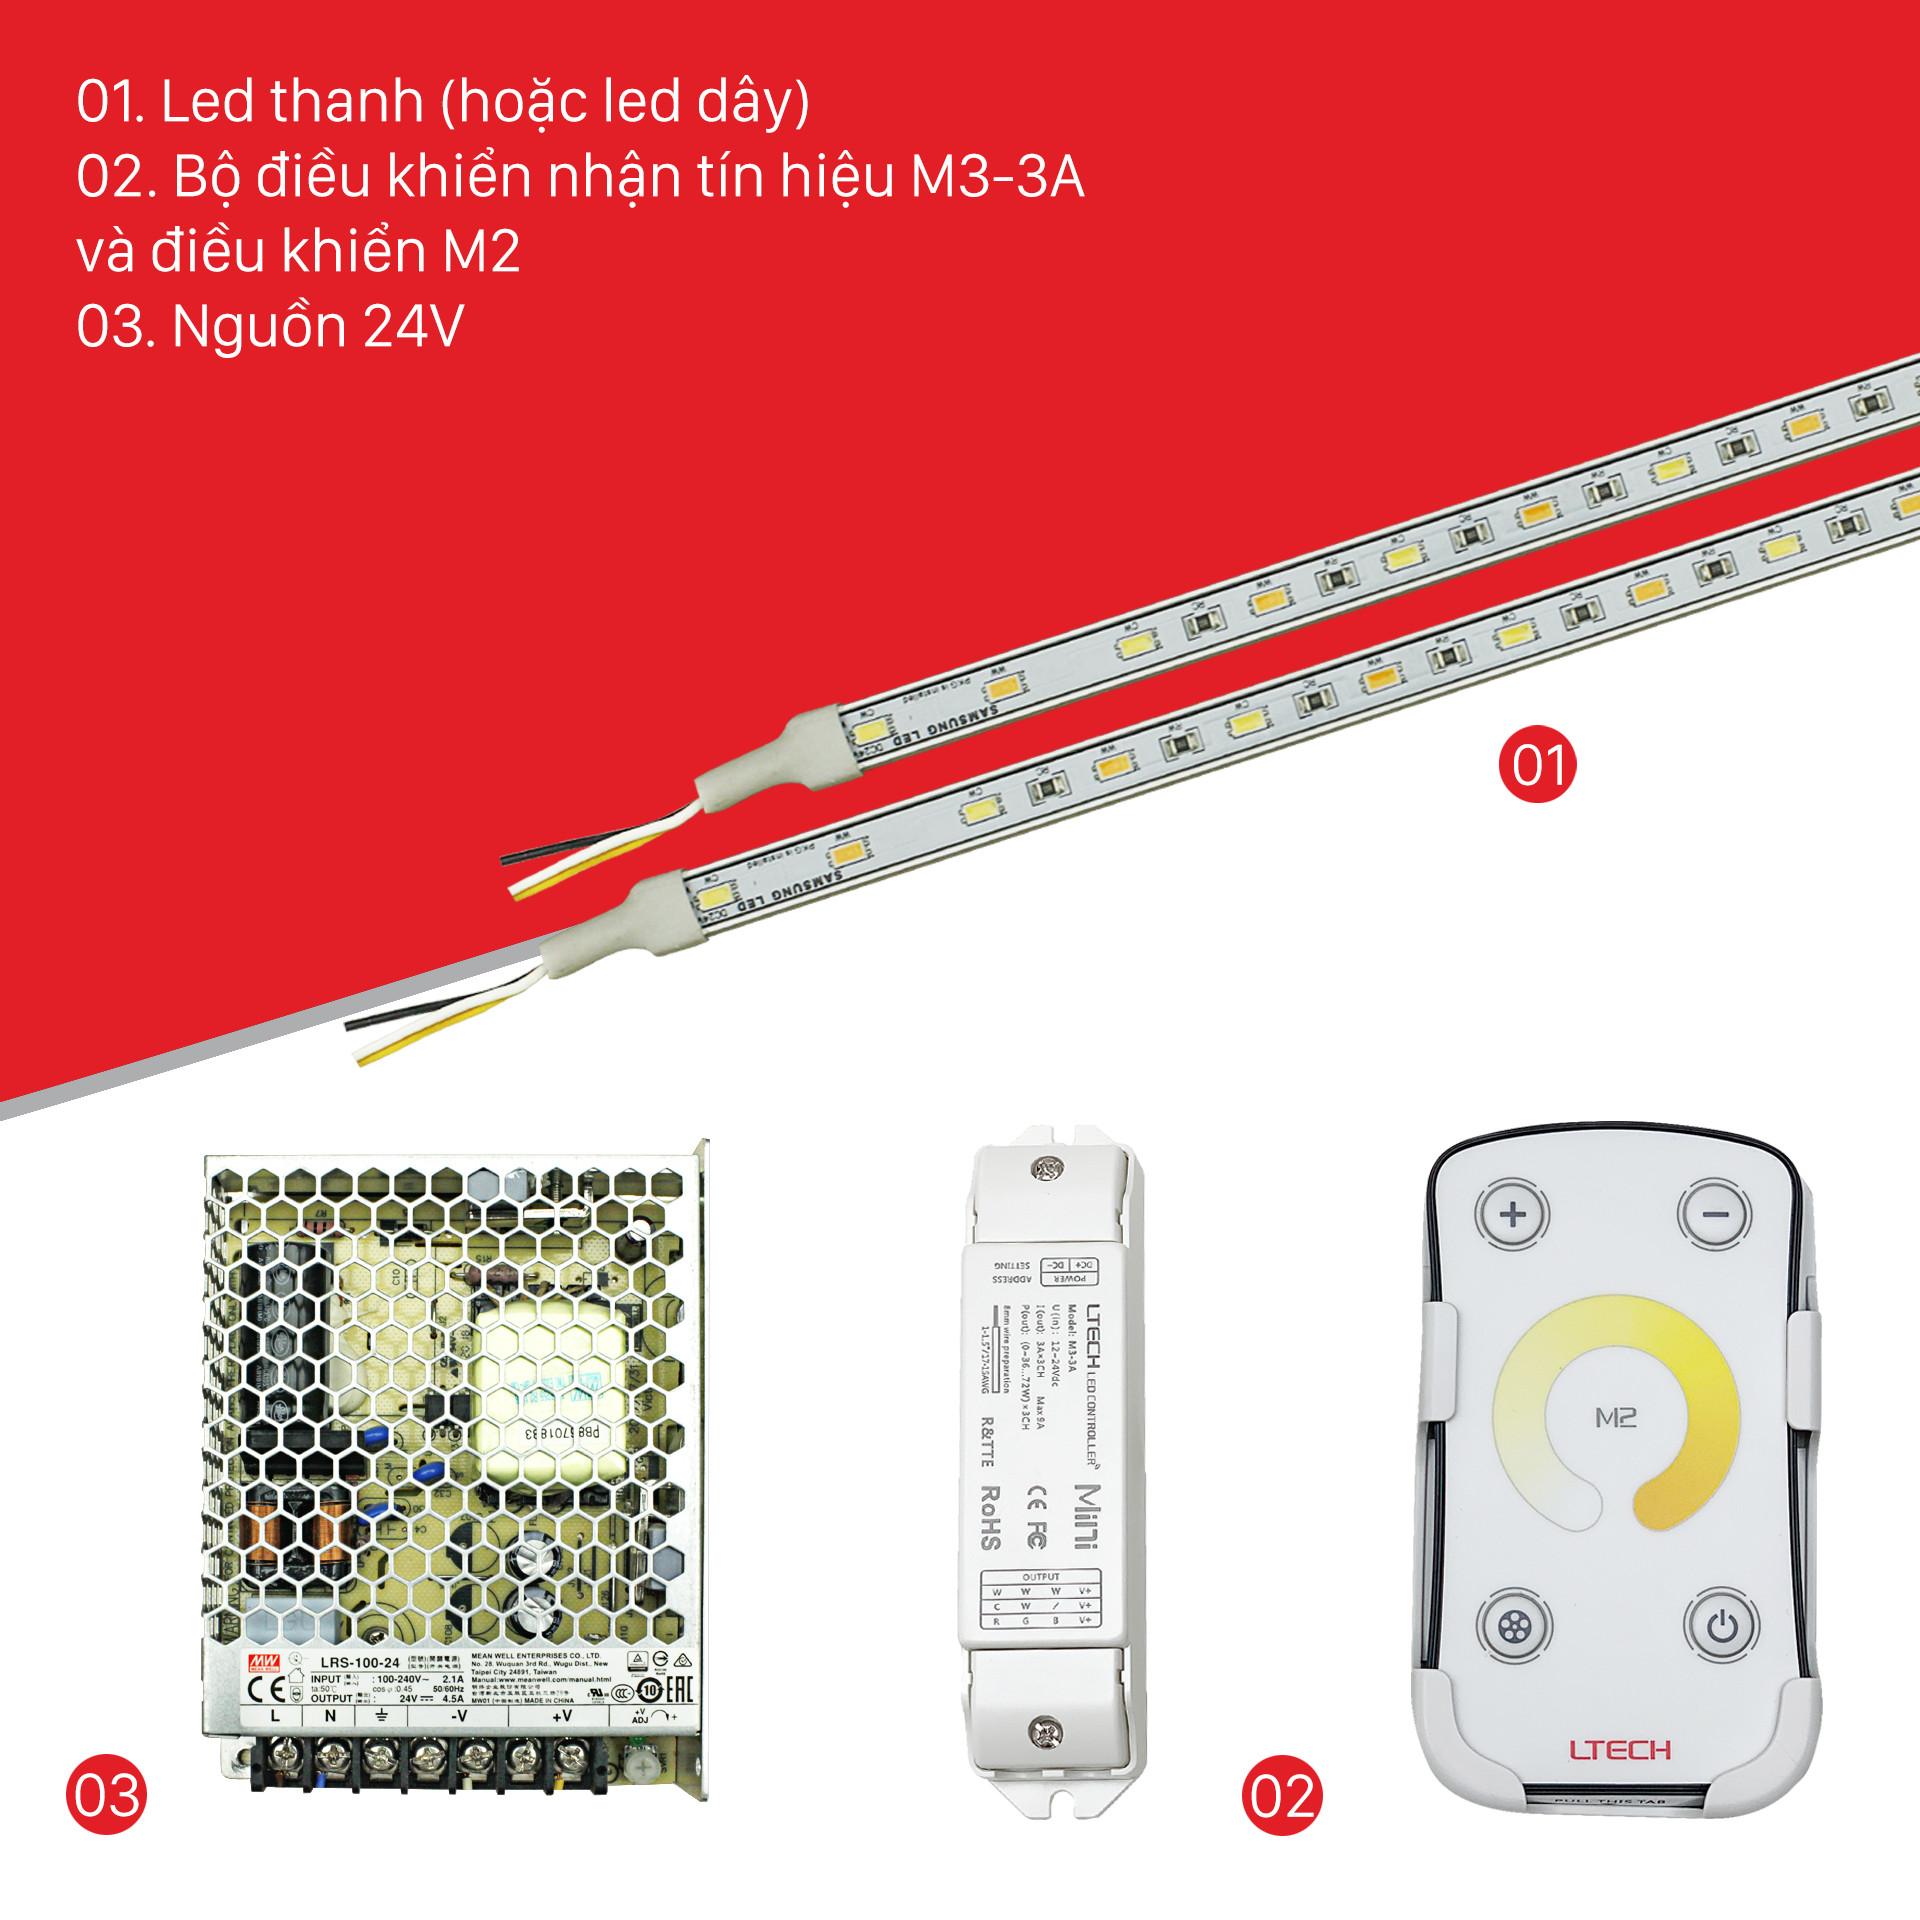 Bộ Điều Khiển Đèn Led Ltech M2+M3-3A Thay Đổi Độ Ấm Lạnh Ánh Sáng, LED Dimmer Controller - Hàng Nhập Khẩu